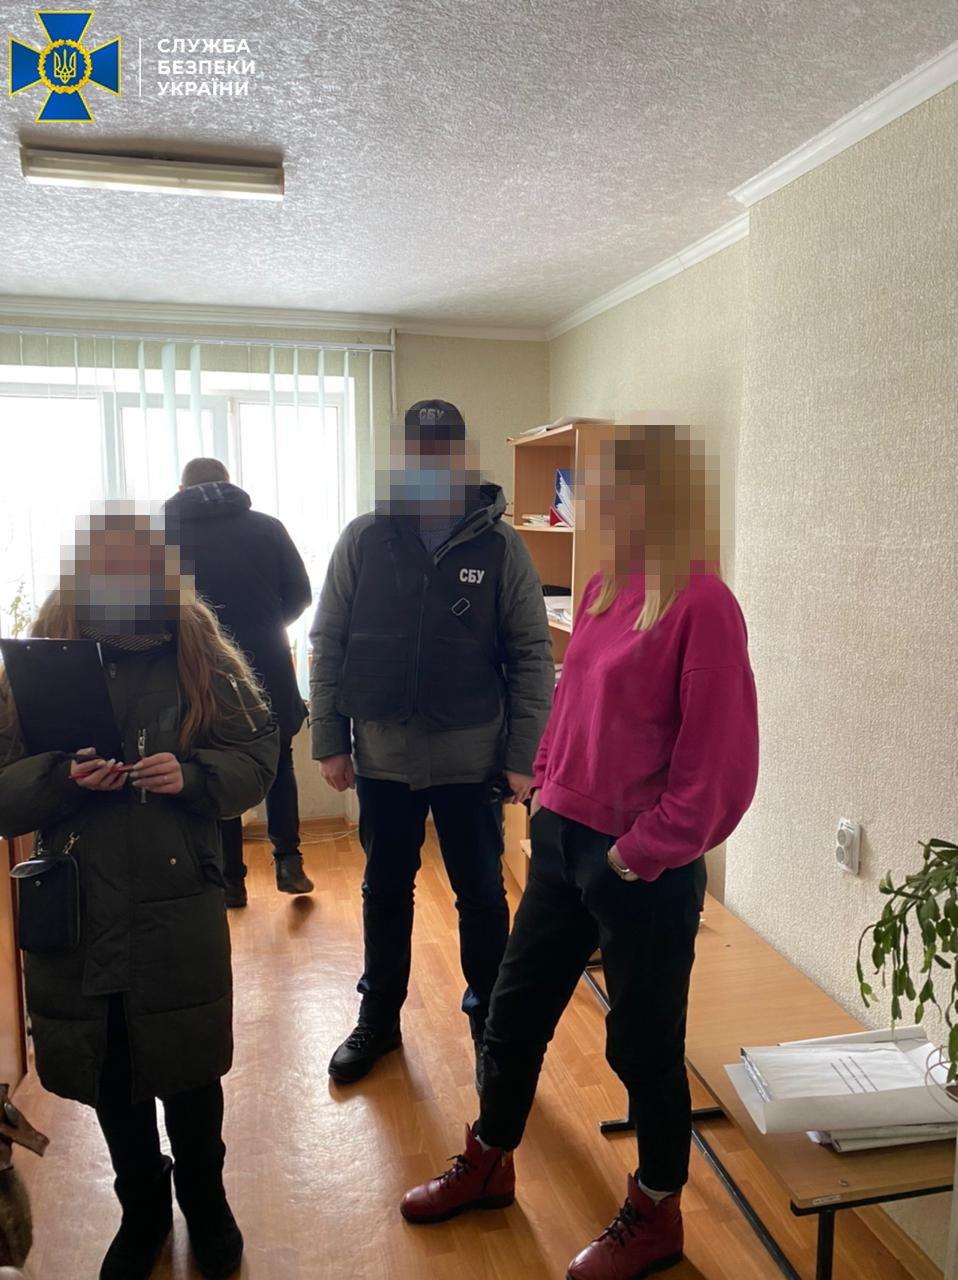 В Днепропетровской области СБУ разоблачила коррупционную схему чиновницы городского суда, фото-1